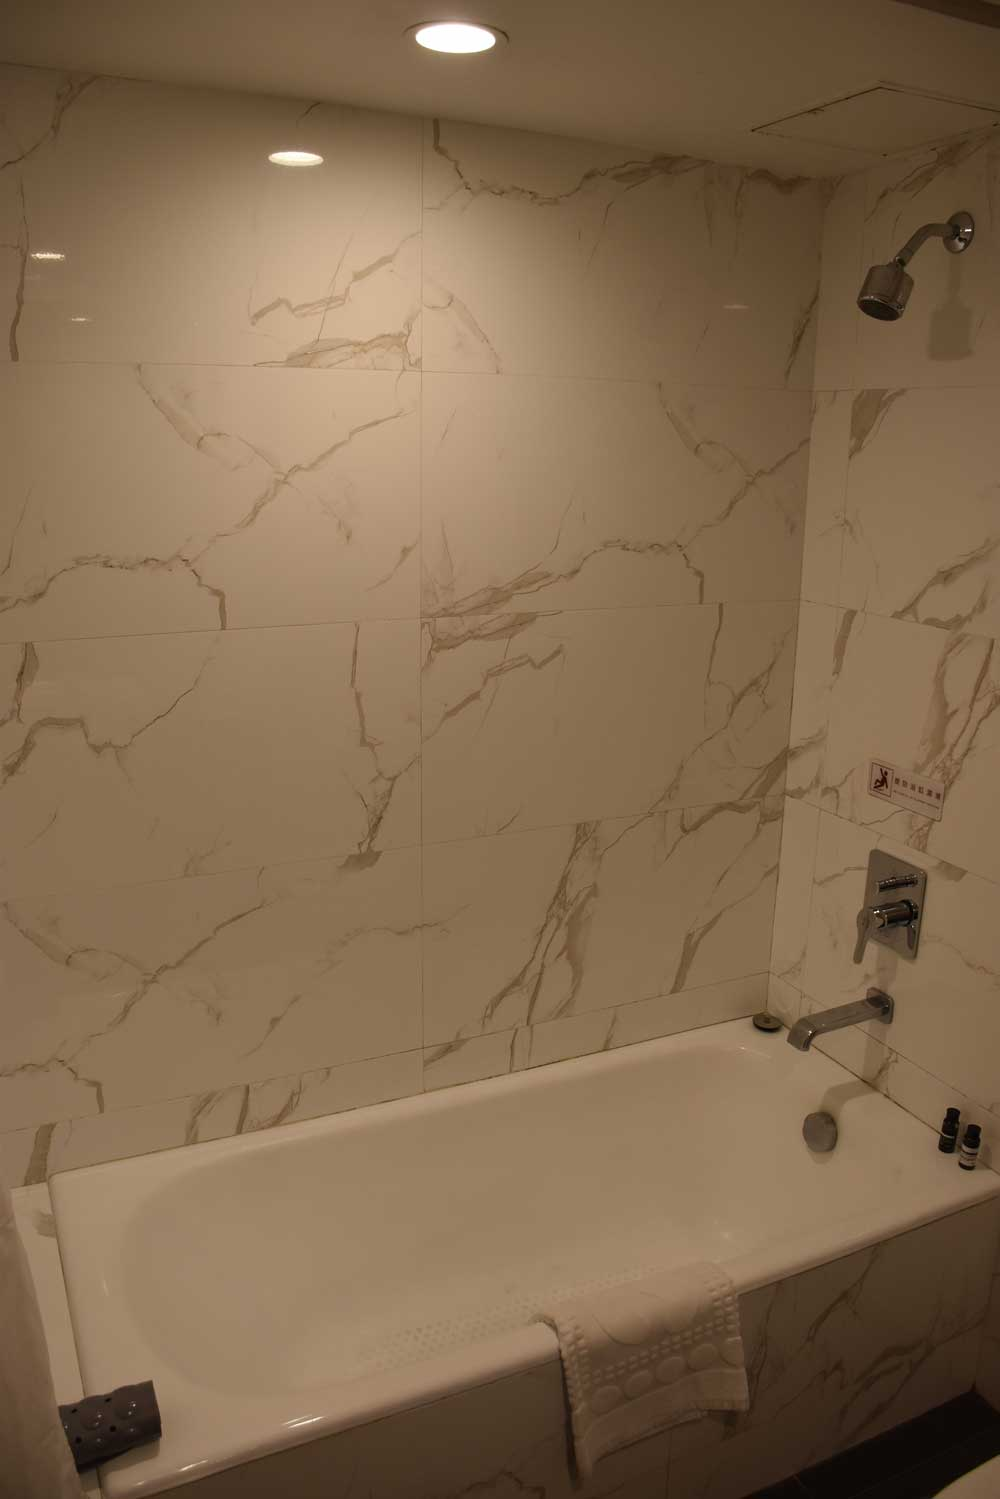 Macau Hotel S bathtub